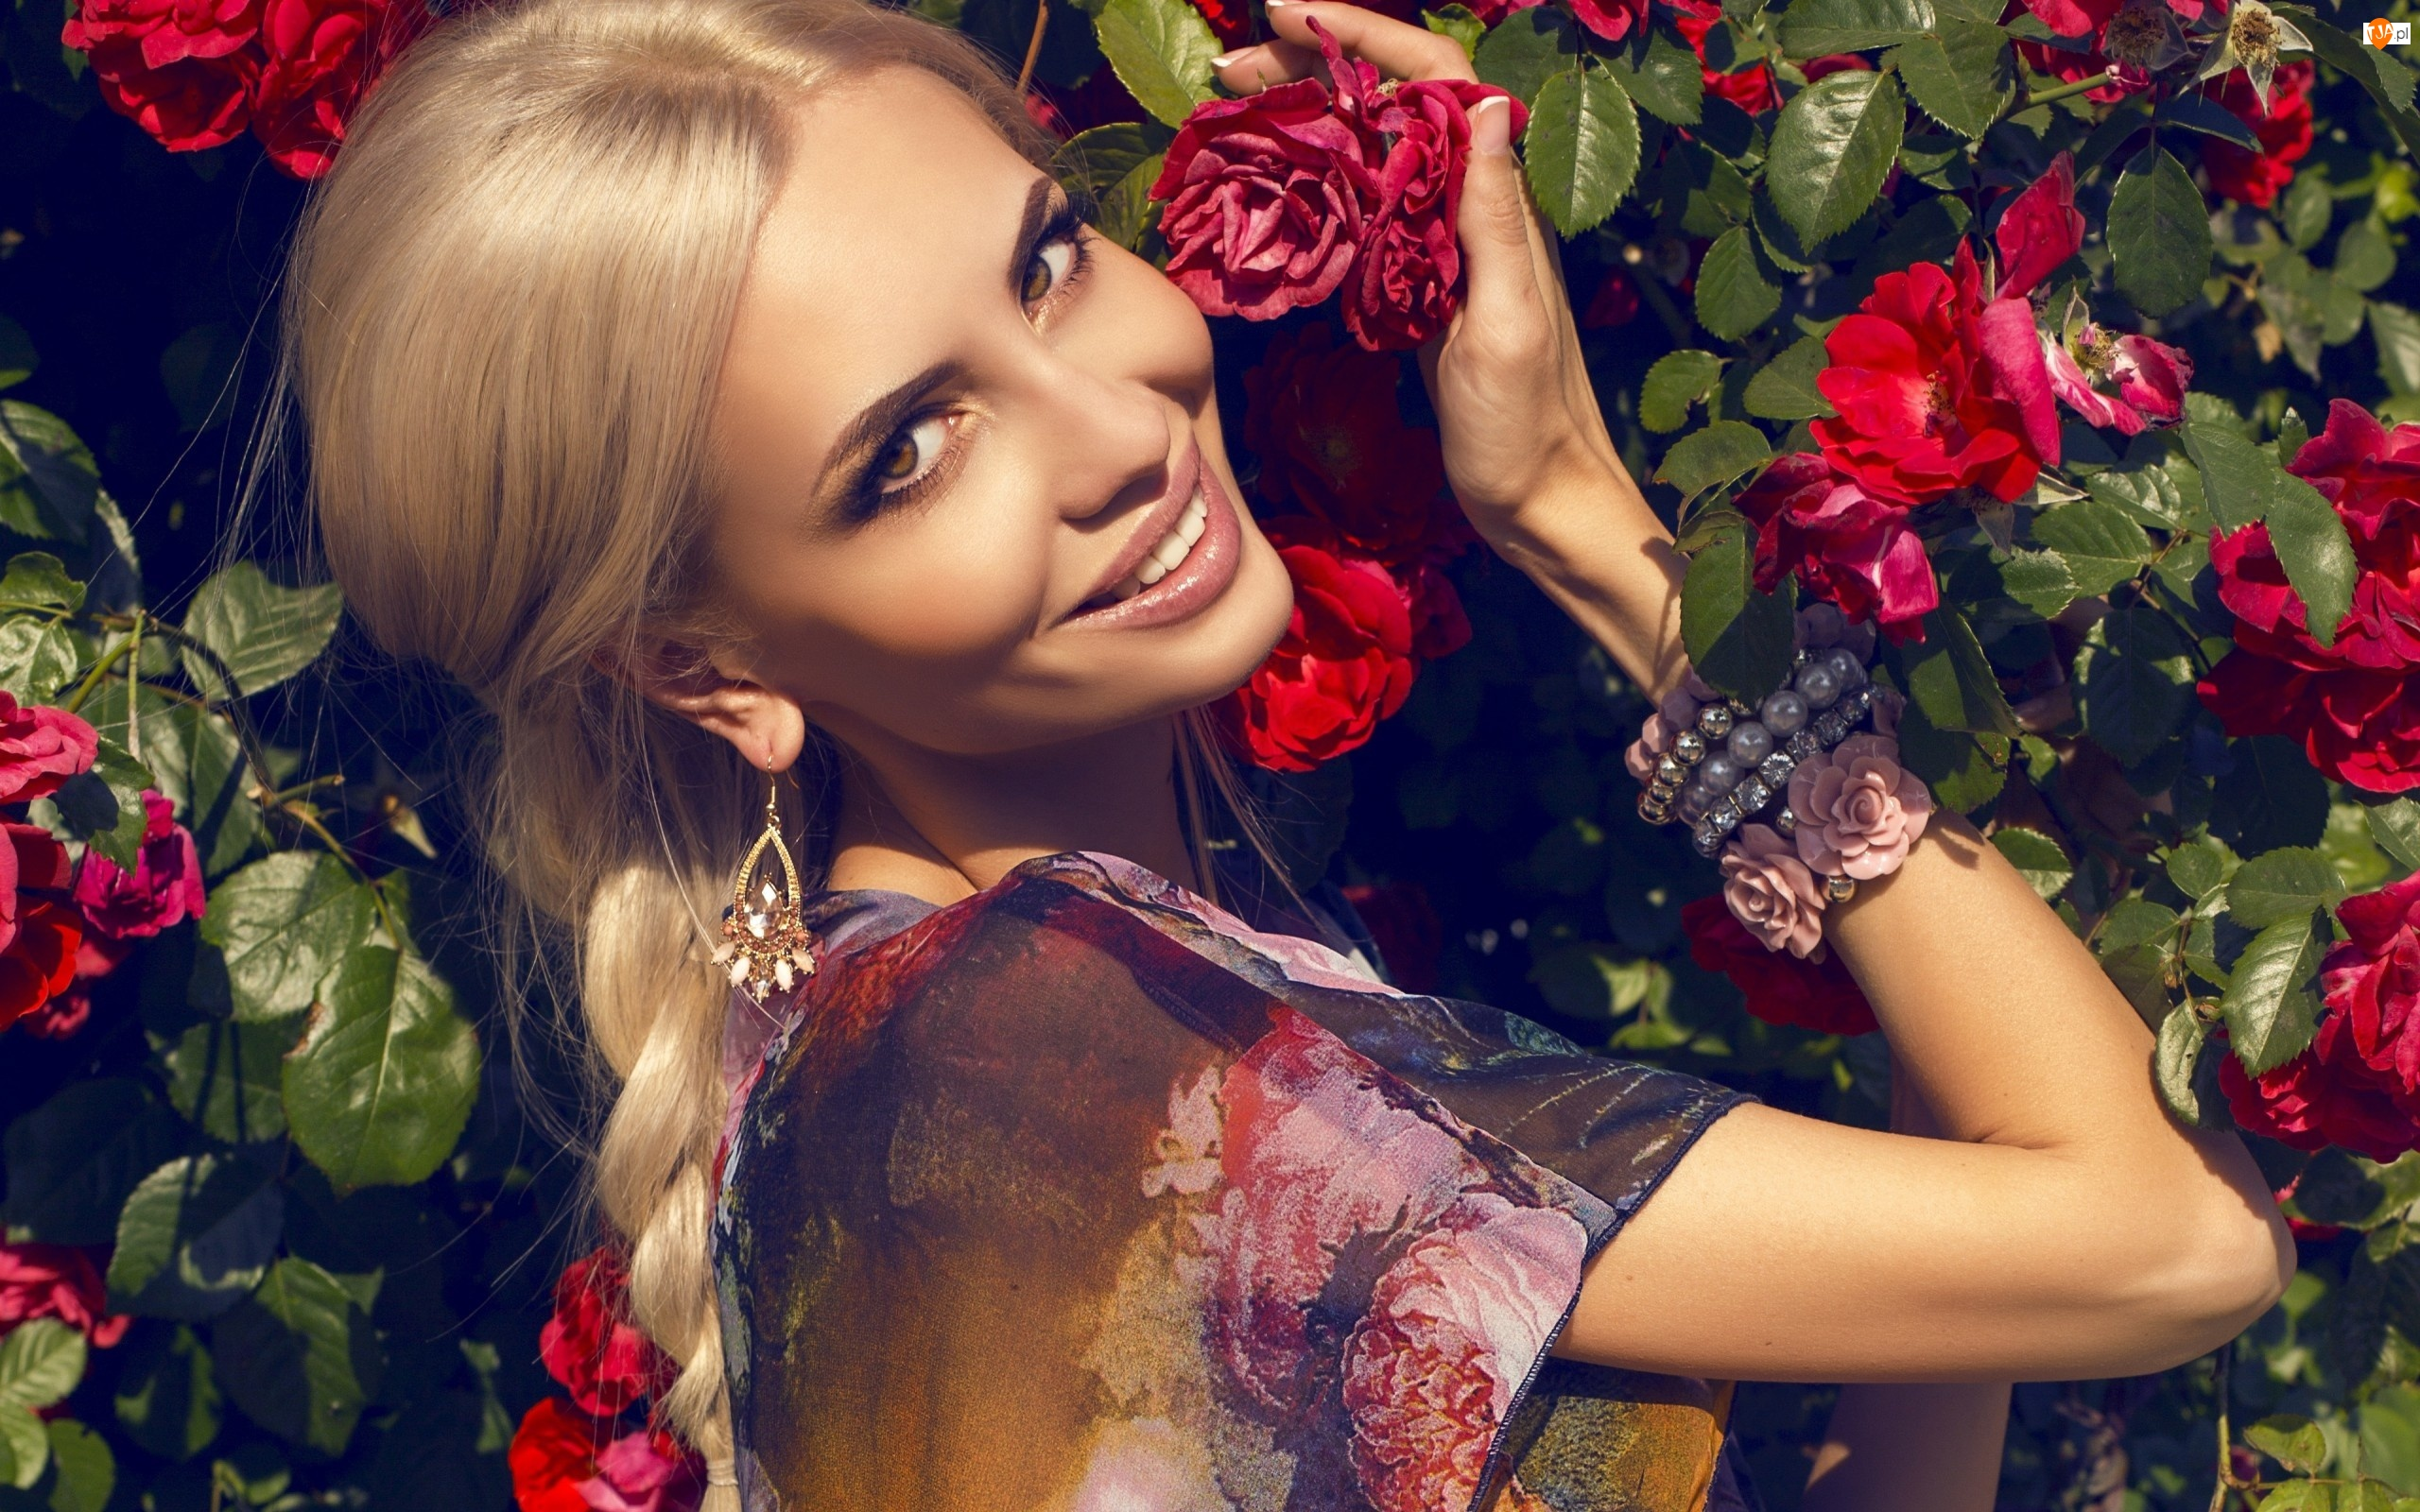 Kwiaty, Kobieta, Usmiech